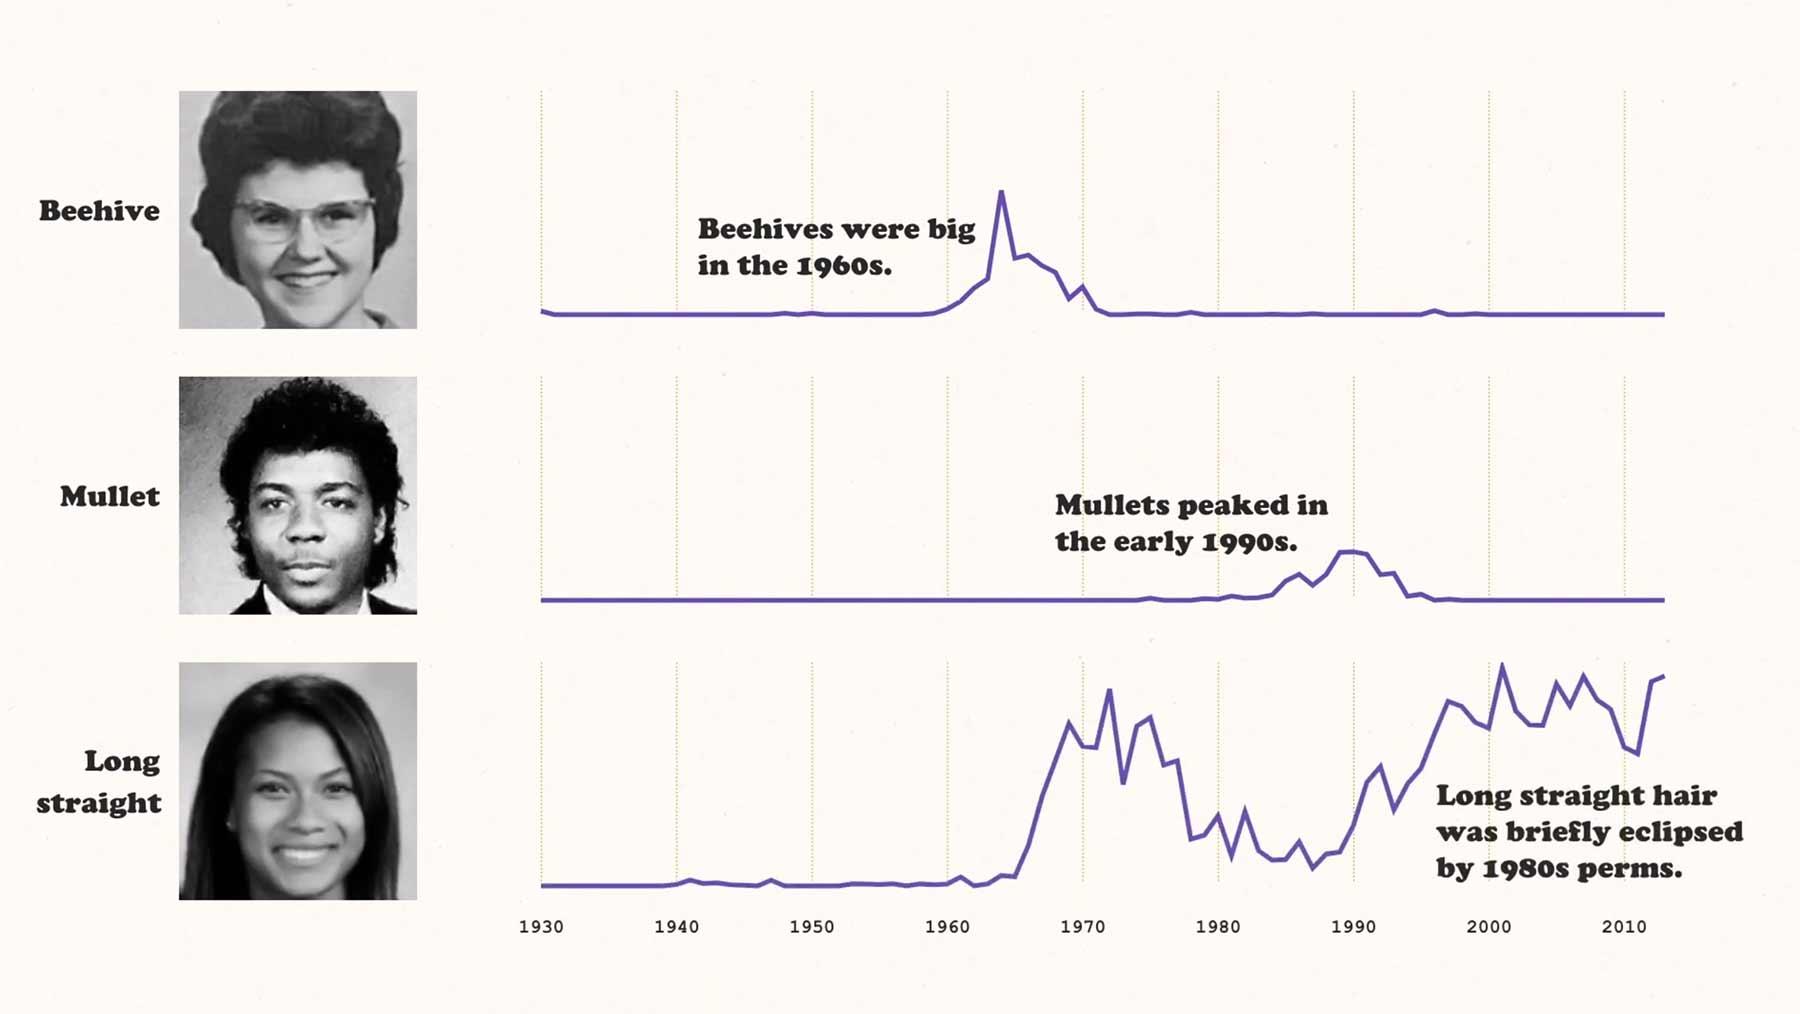 Jahrgangsbuch-Frisuren statistisch ausgewertet